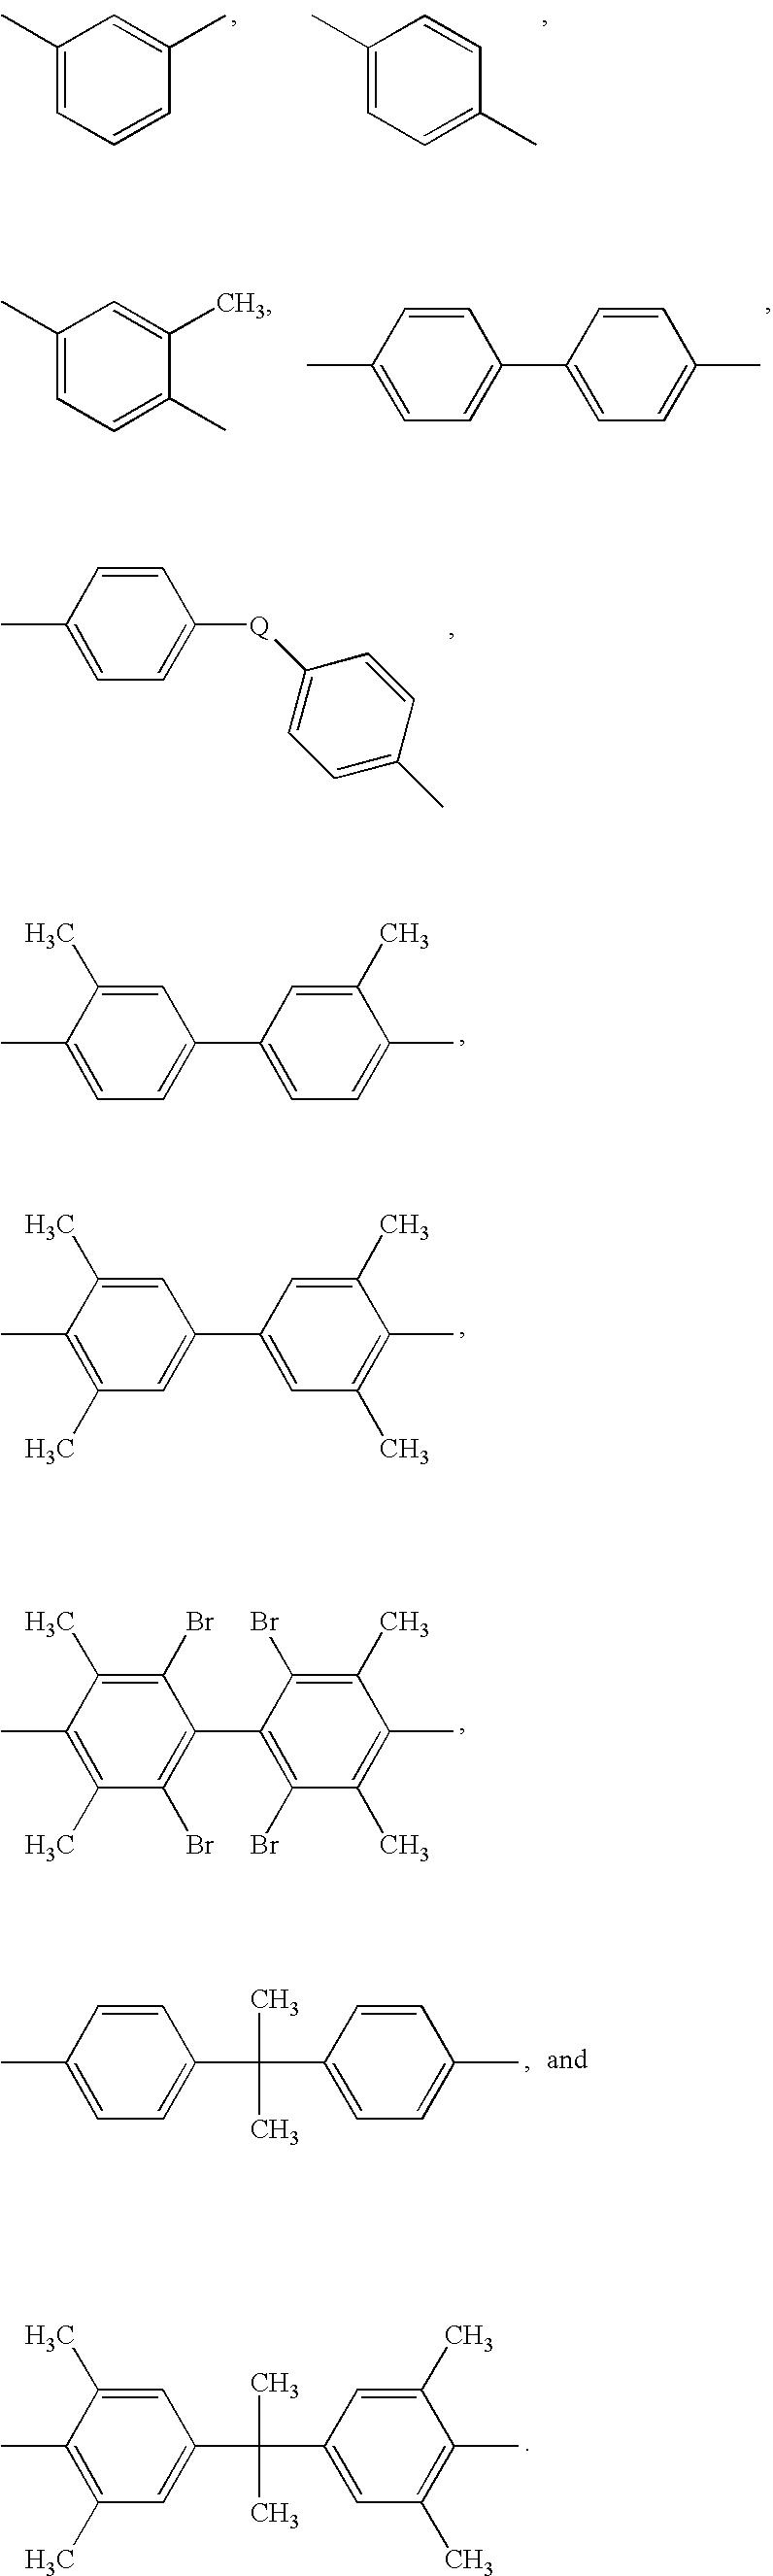 Figure US20070265421A1-20071115-C00005